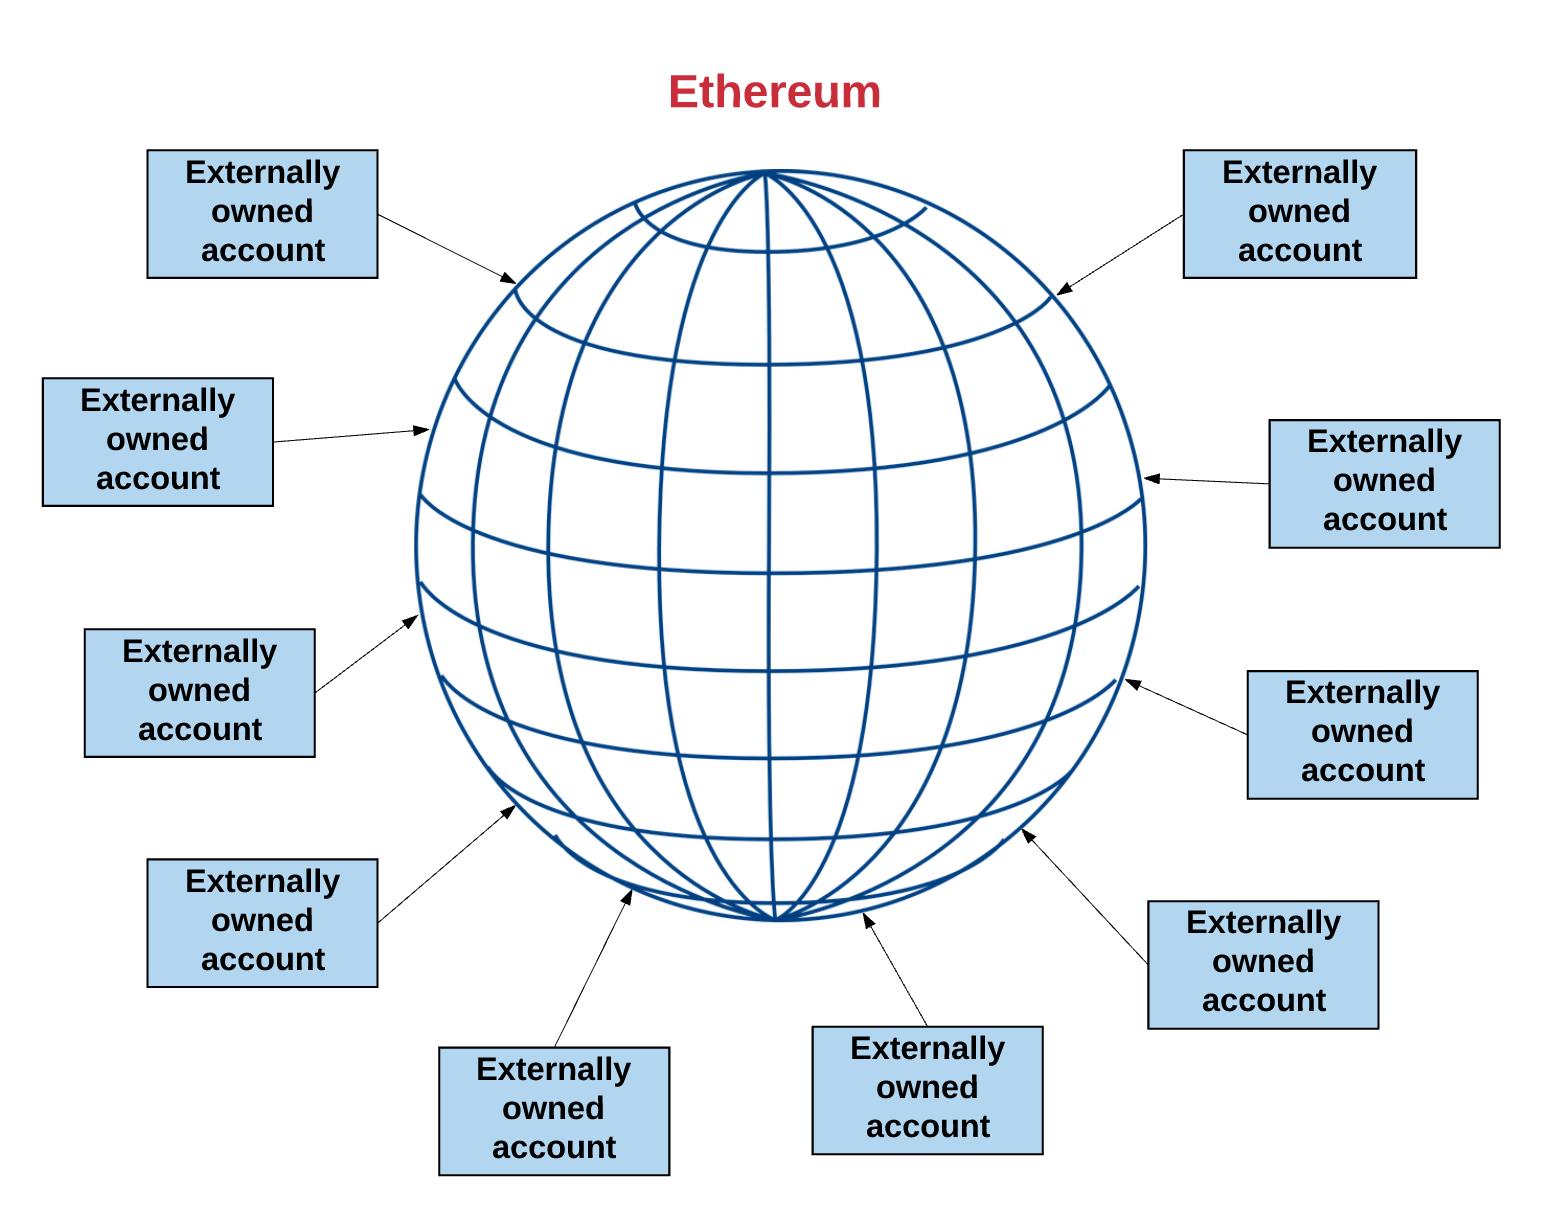 Wie lange wird eine Transaktion an Ethereum anhangig sein